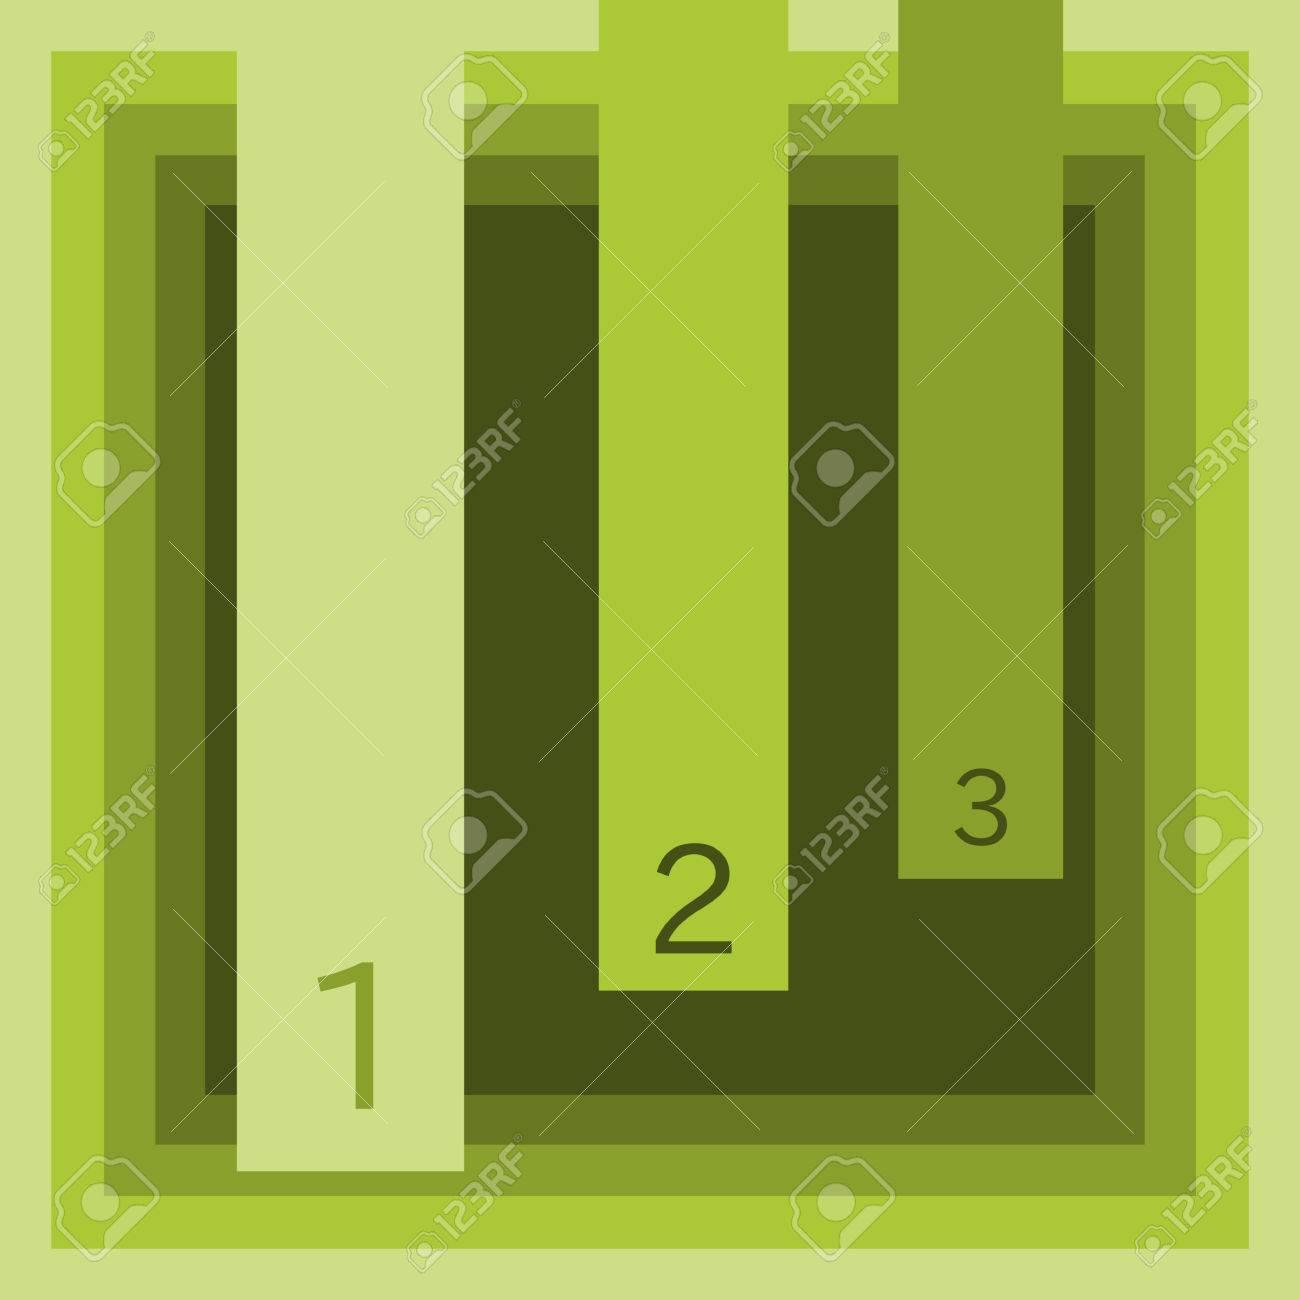 Informacion Grafica De Tres Pasos Generales En Tonos Verde Oliva - Tonos-verde